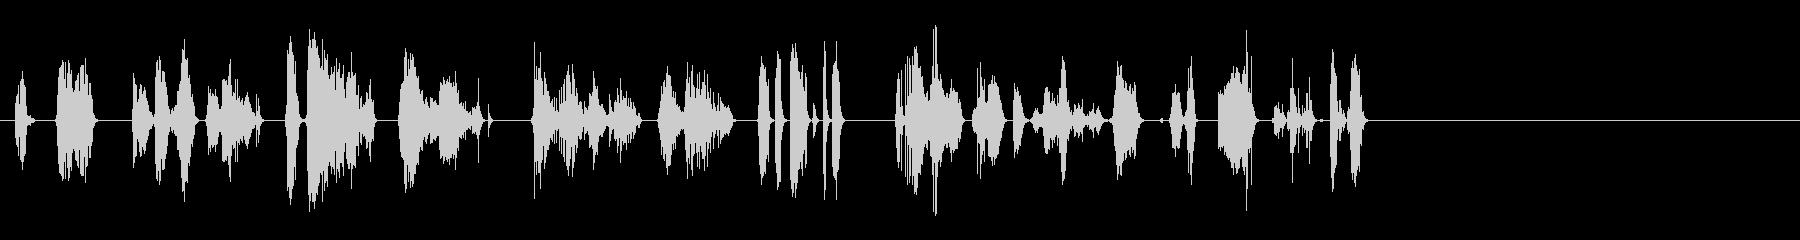 さまざまなラピッドストレッチスキーキー。の未再生の波形